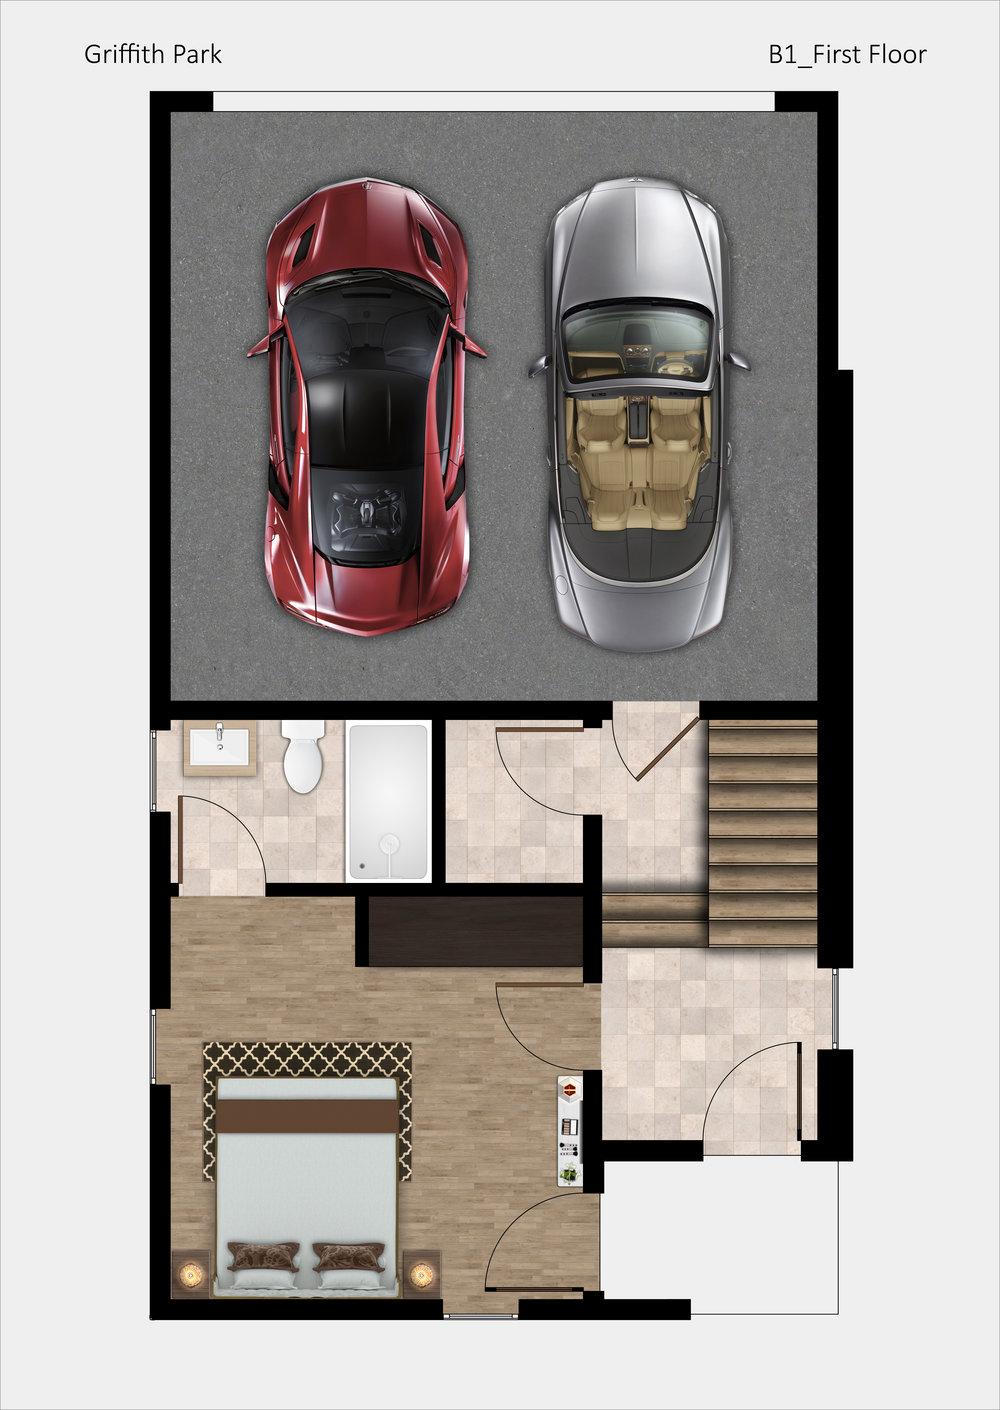 Griffith_Park_B1_First Floor_FNL.jpg